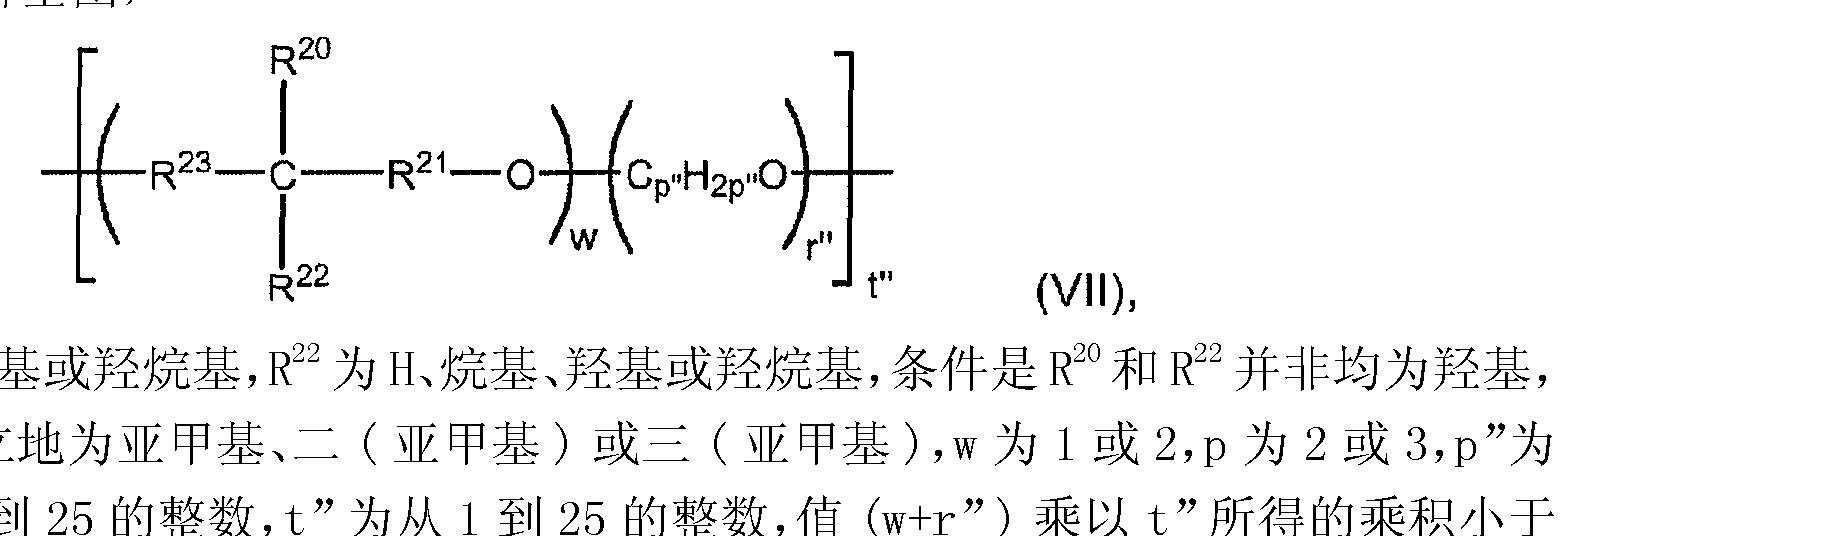 Figure CN101466538BC00051